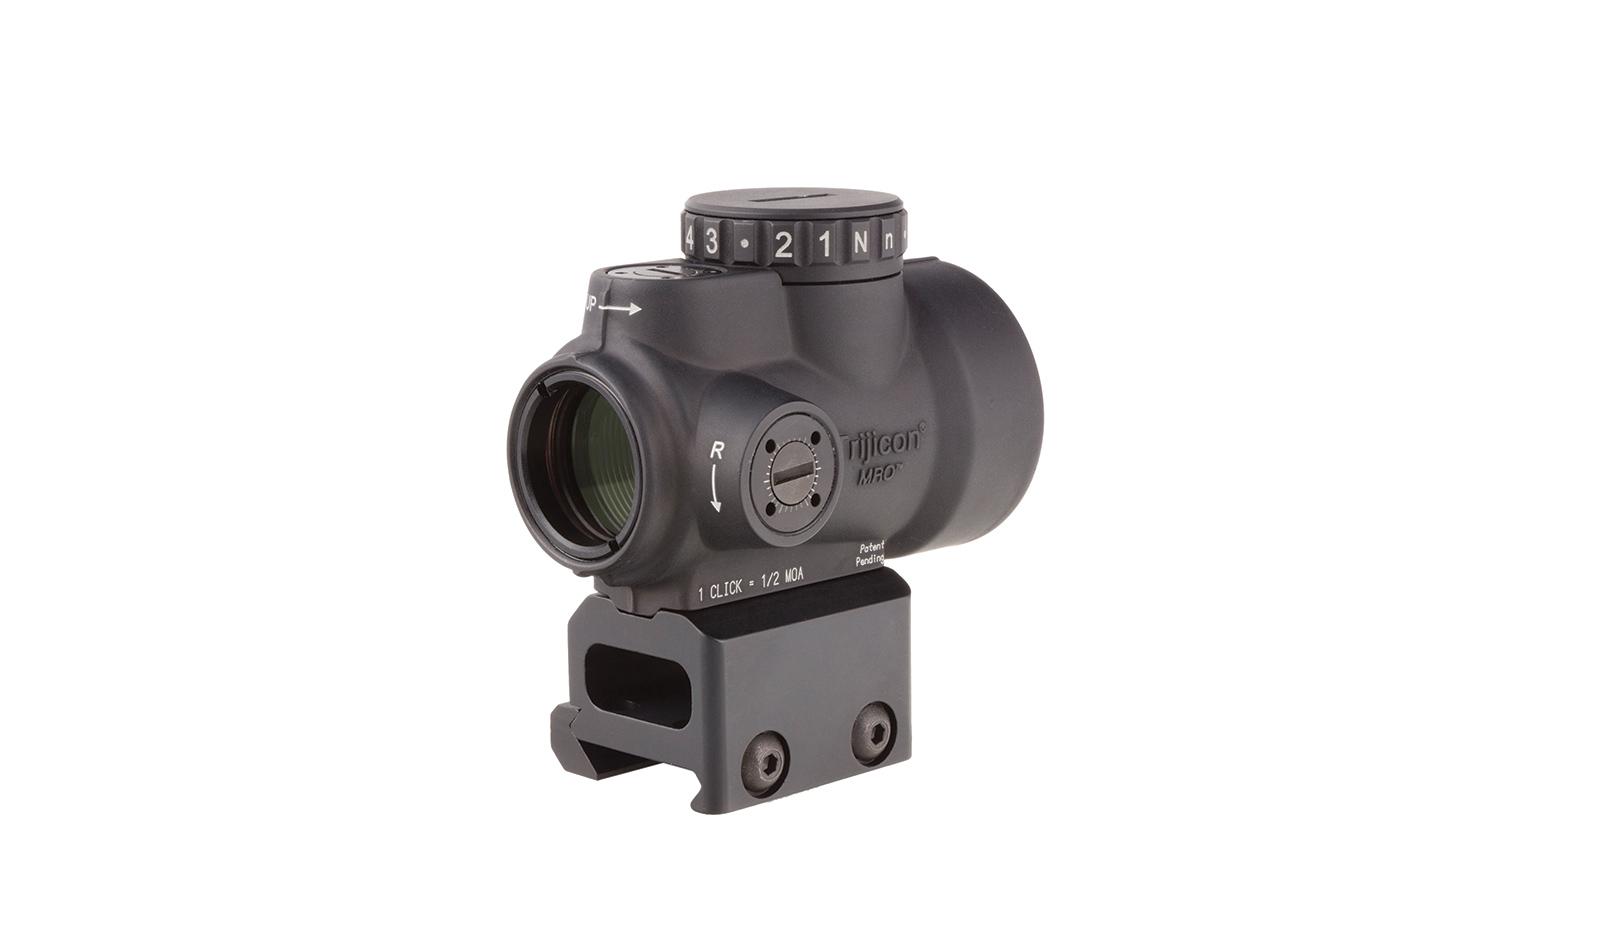 MRO-C-2200005 angle 5